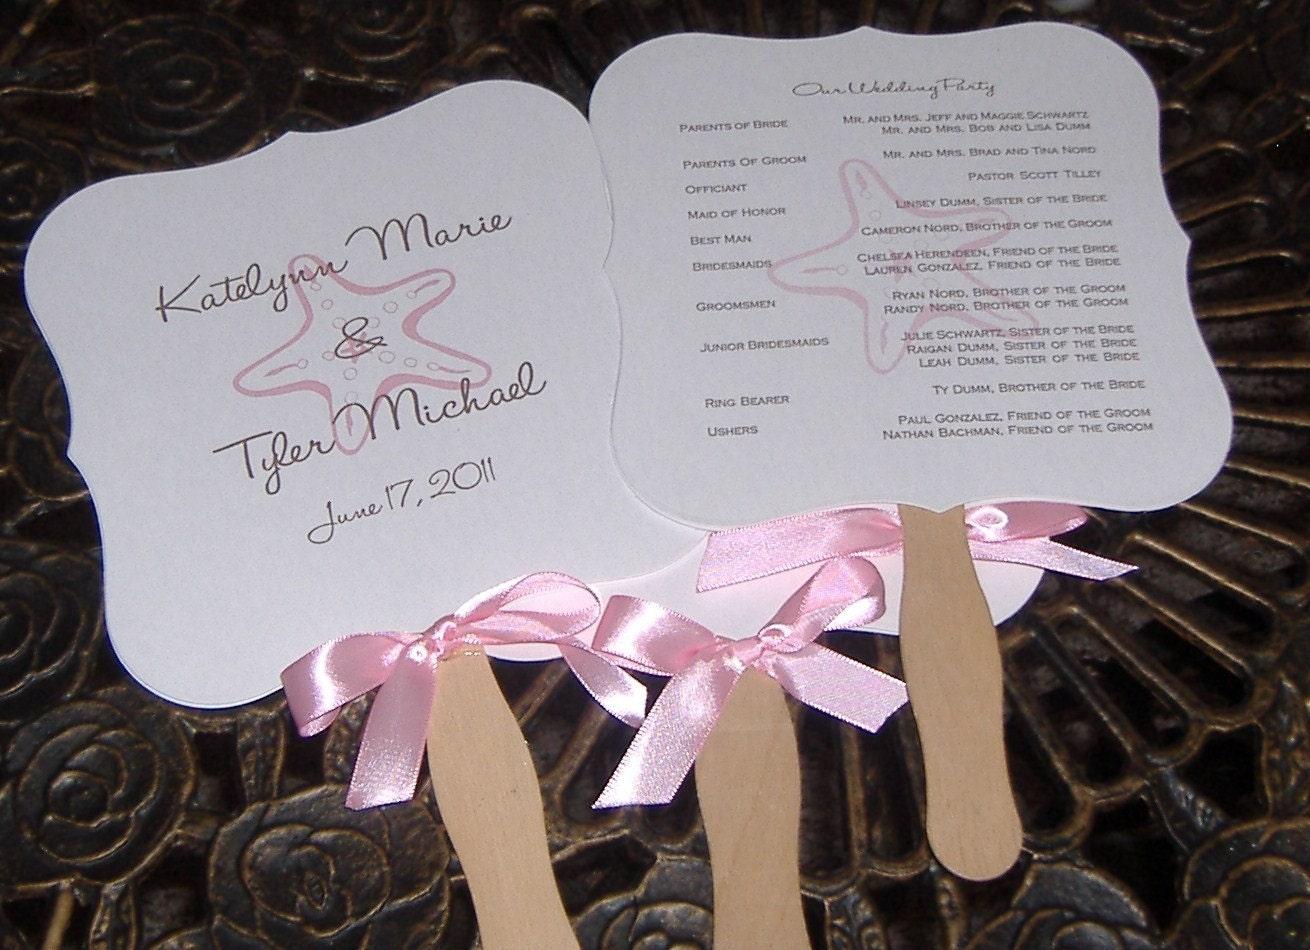 Monogram lighting custom wedding monogram lighting - Wedding Program Fans Custom Order For Crista Local Pickup